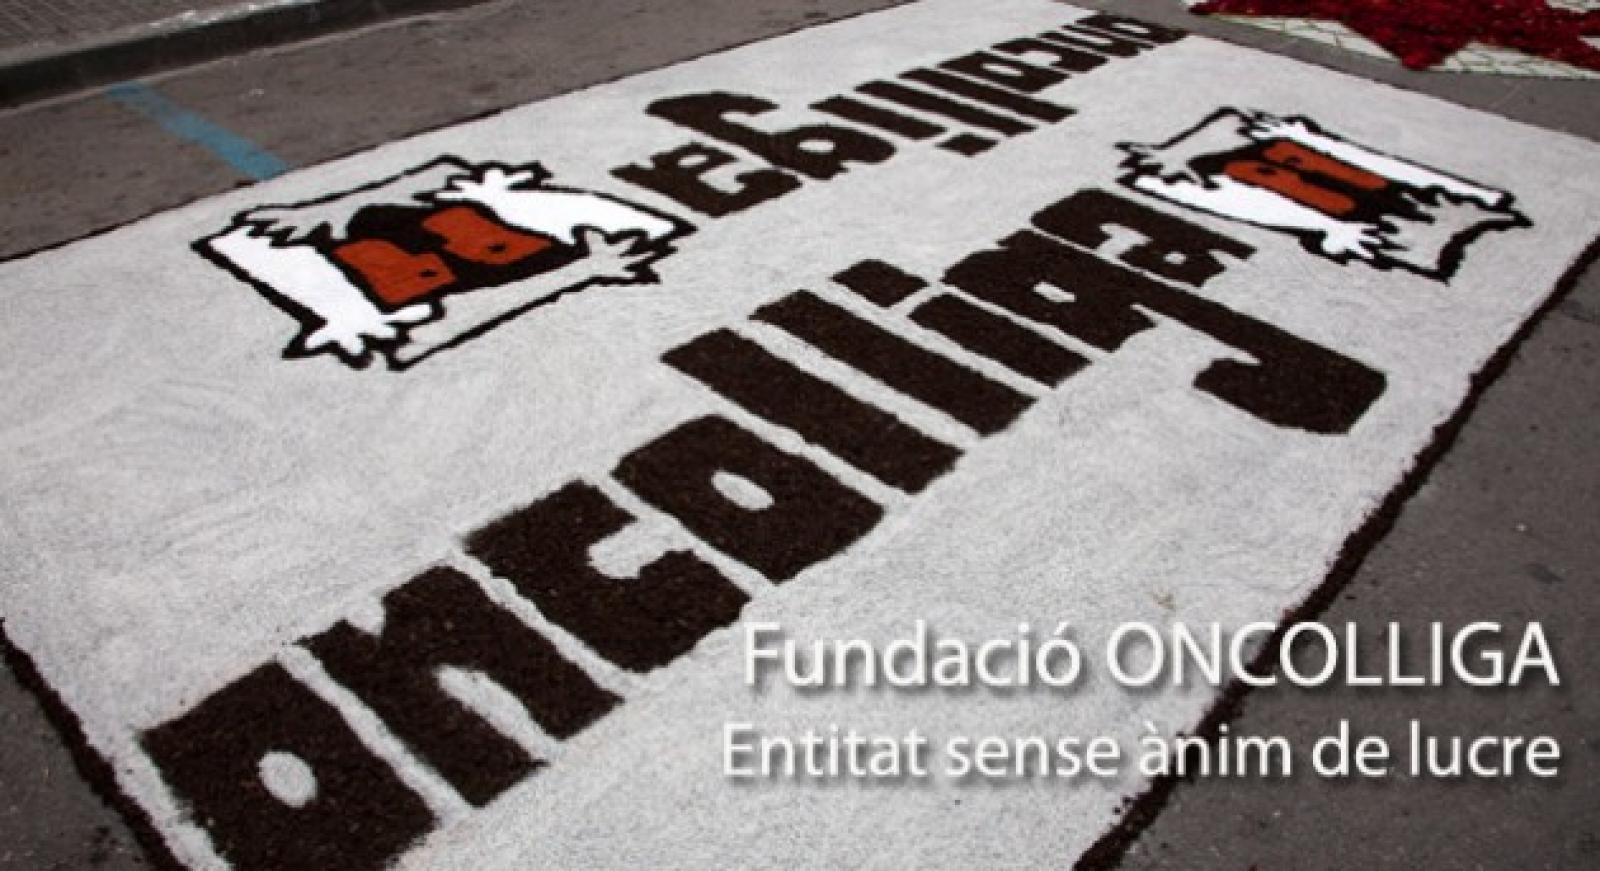 Fundació Oncolliga